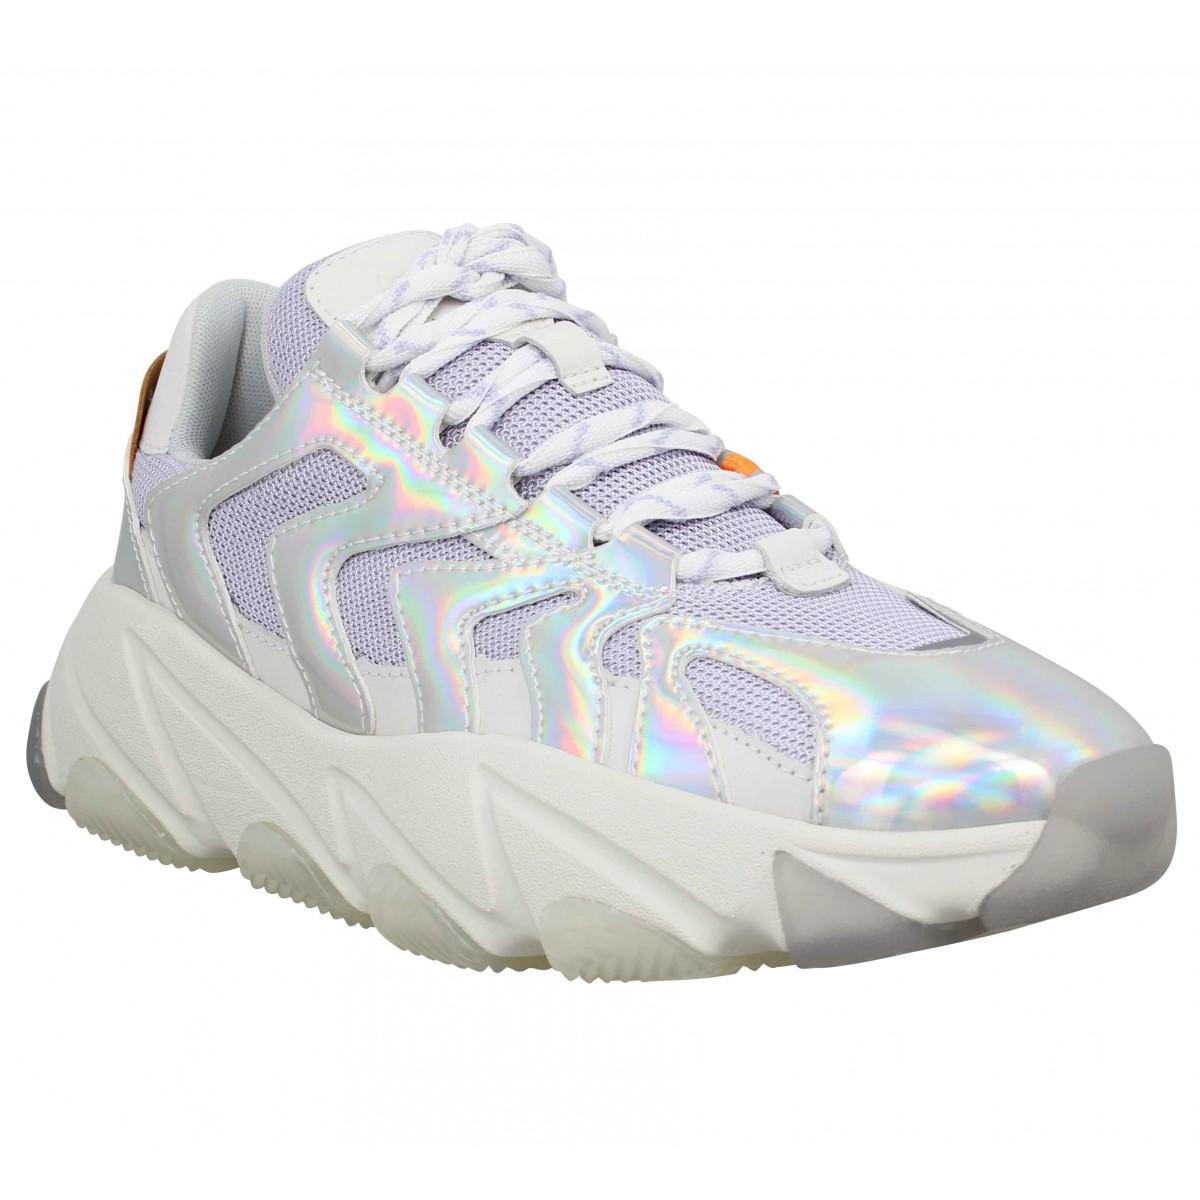 6e41f9f3bb5e13 Ash chaussures pour femme - Vente en ligne